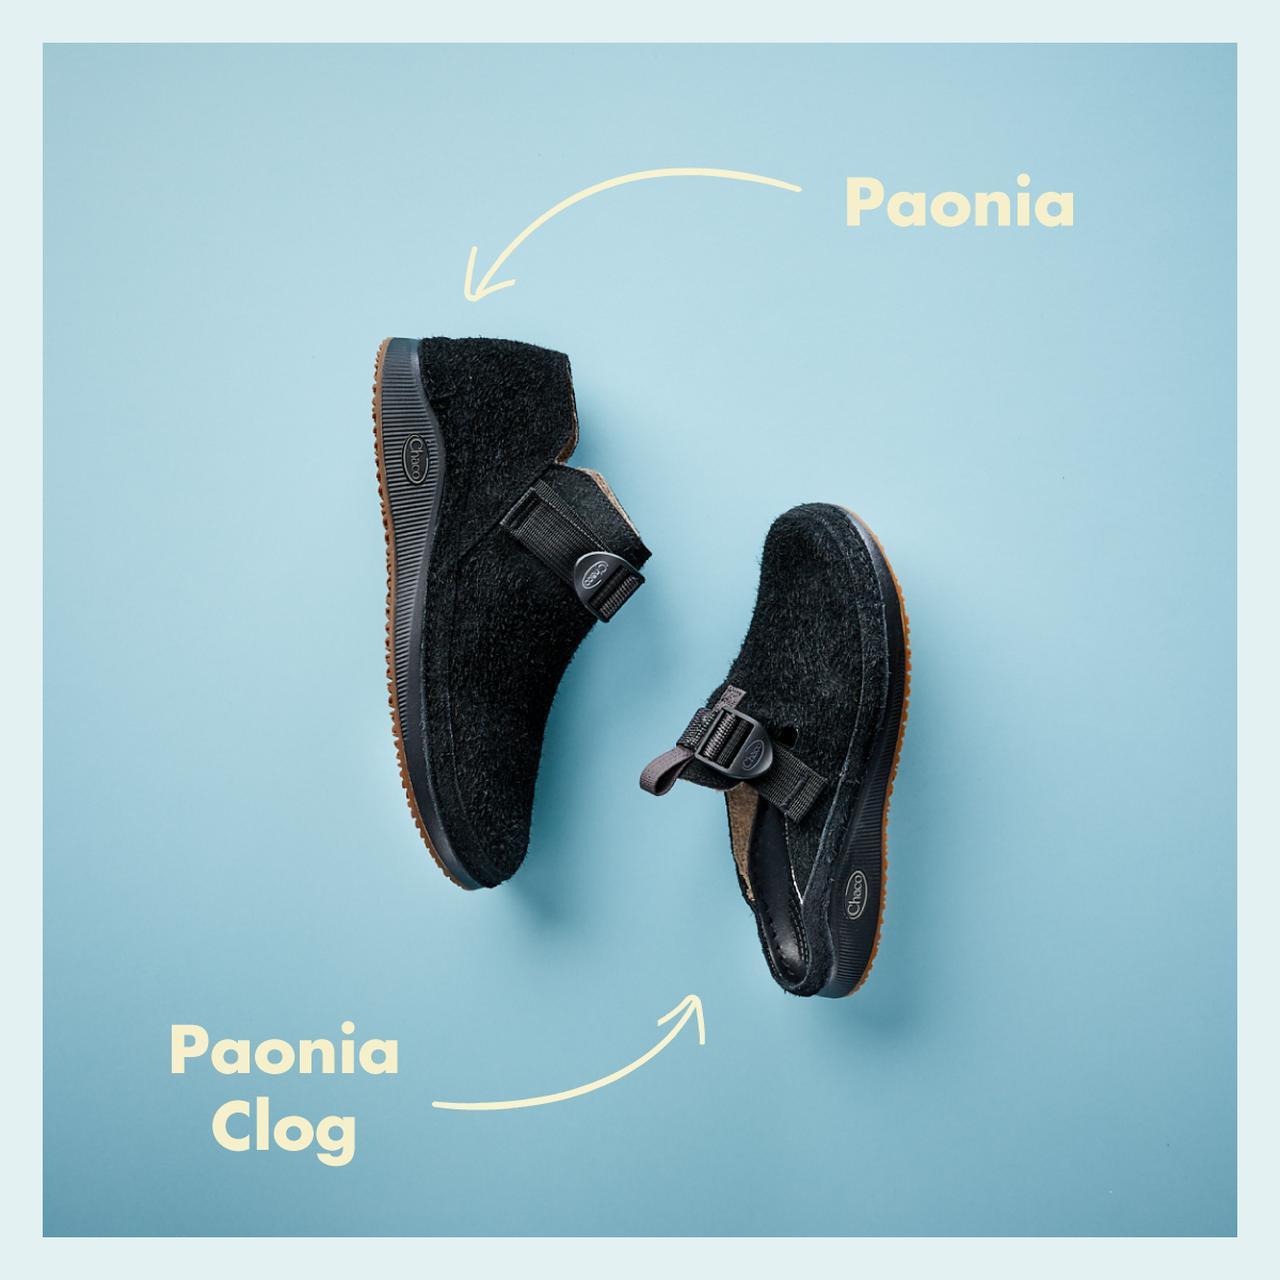 画像1: 「PAONIA(パオニア)」と「PAONIA CLOG(パオニアクロッグ)」の2モデル